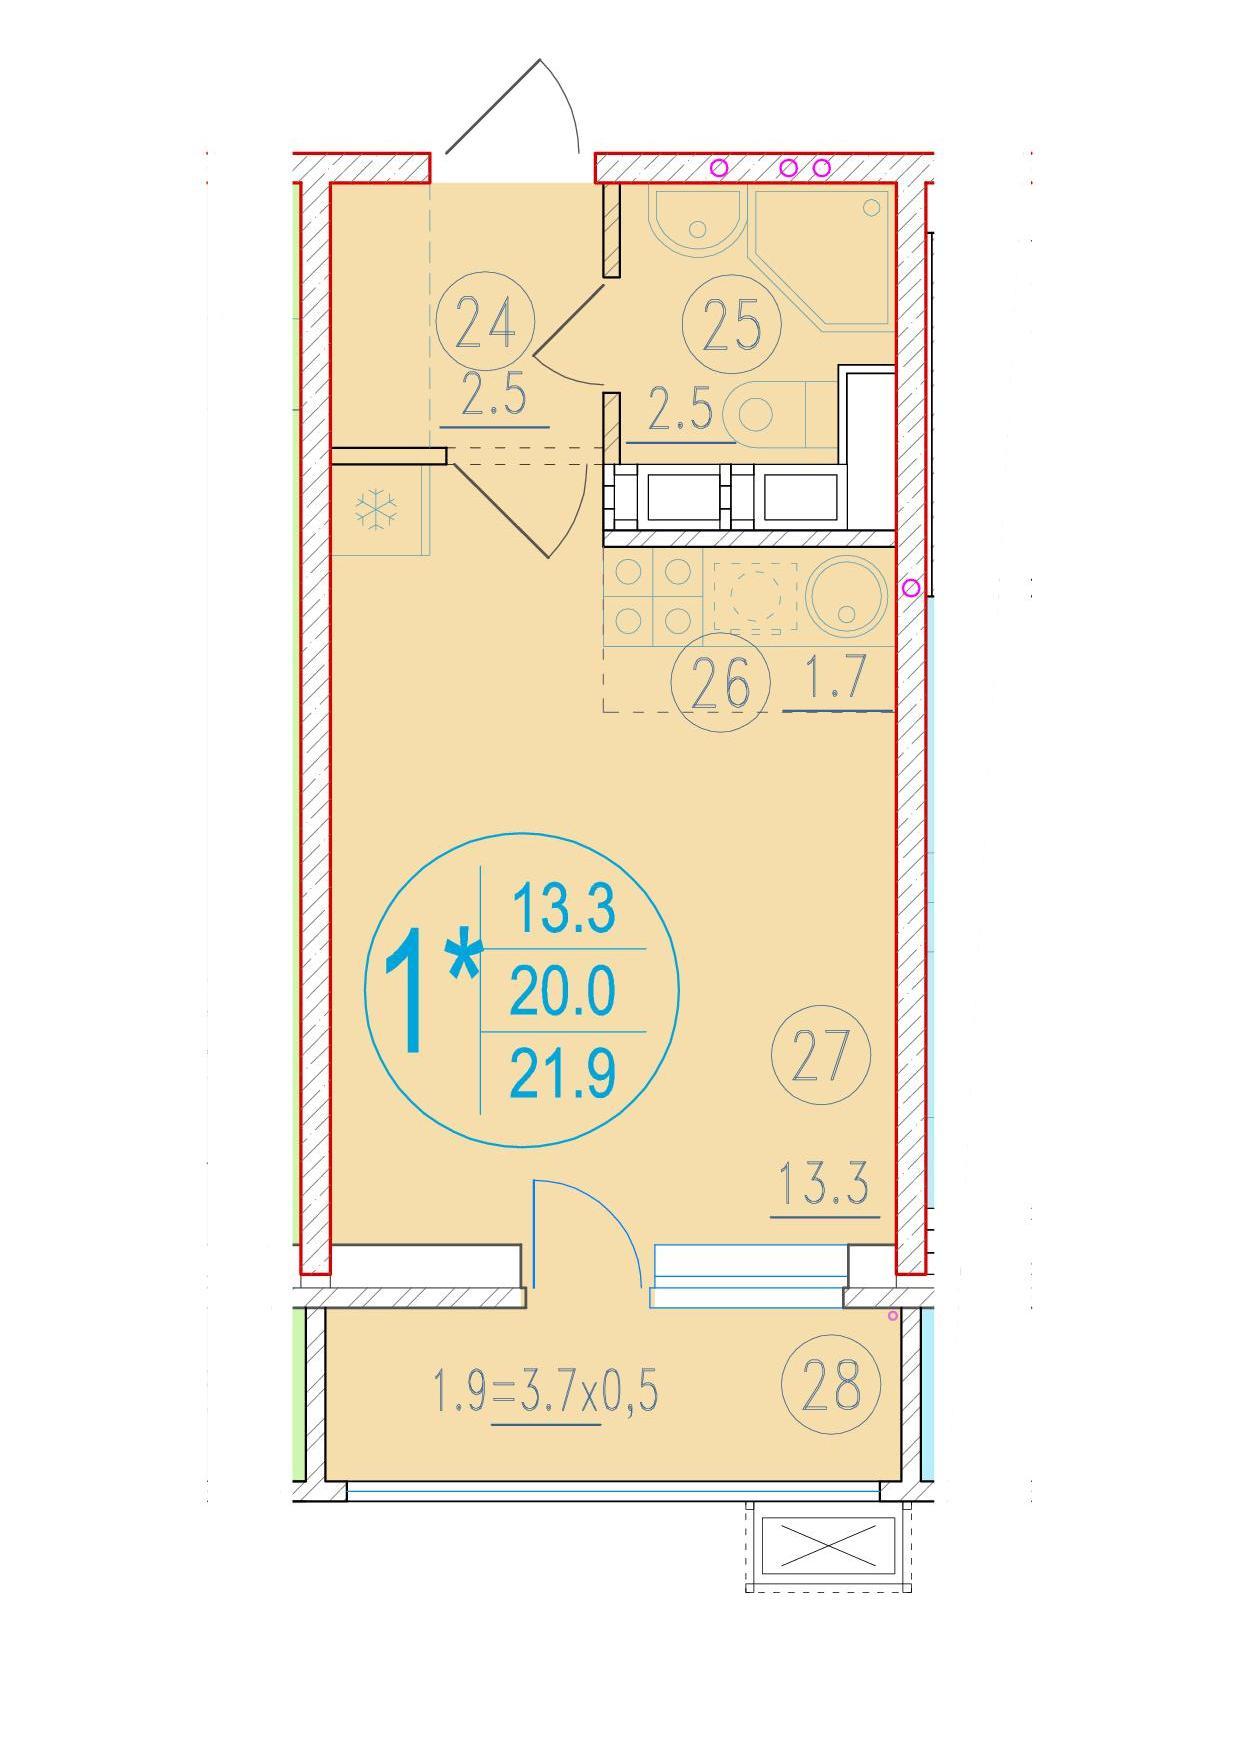 1-комнатная смарт 21.9<span>м<sup>2</sup></span>